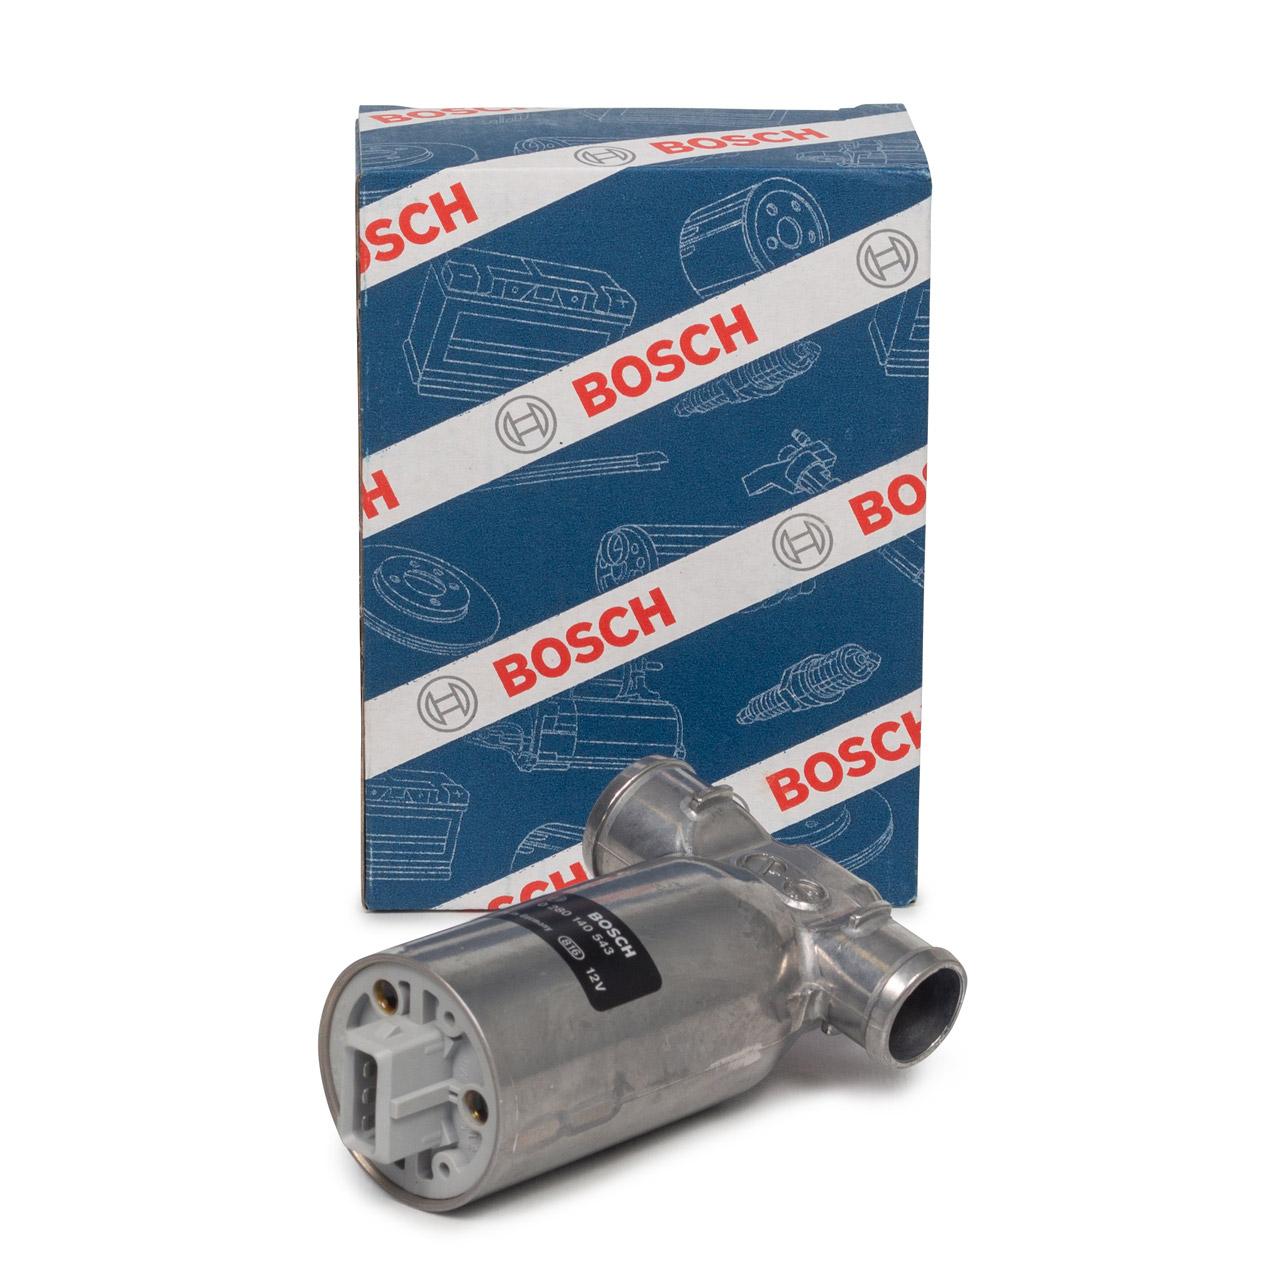 BOSCH 0280140543 Leerlaufregler für PORSCHE 993 3.6/3.8 Carrera 3.6 Turbo / GT2